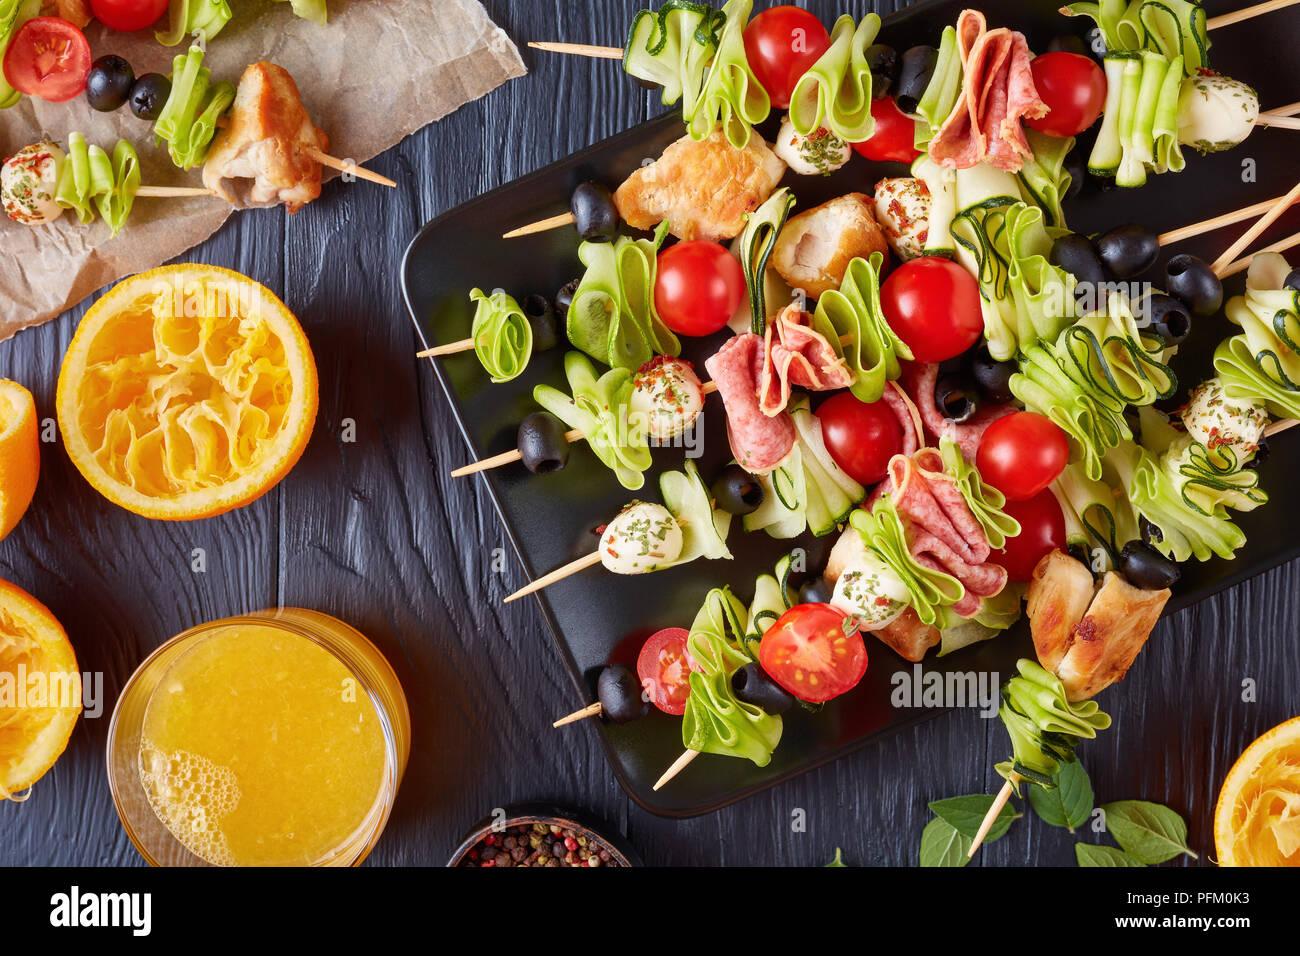 Antipasto spiedini con carne di pollo, zucchine, pomodori ciliegini, palline di mozzarella, fette di salame, olive su una piastra nera su di un tavolo di legno con orang Immagini Stock